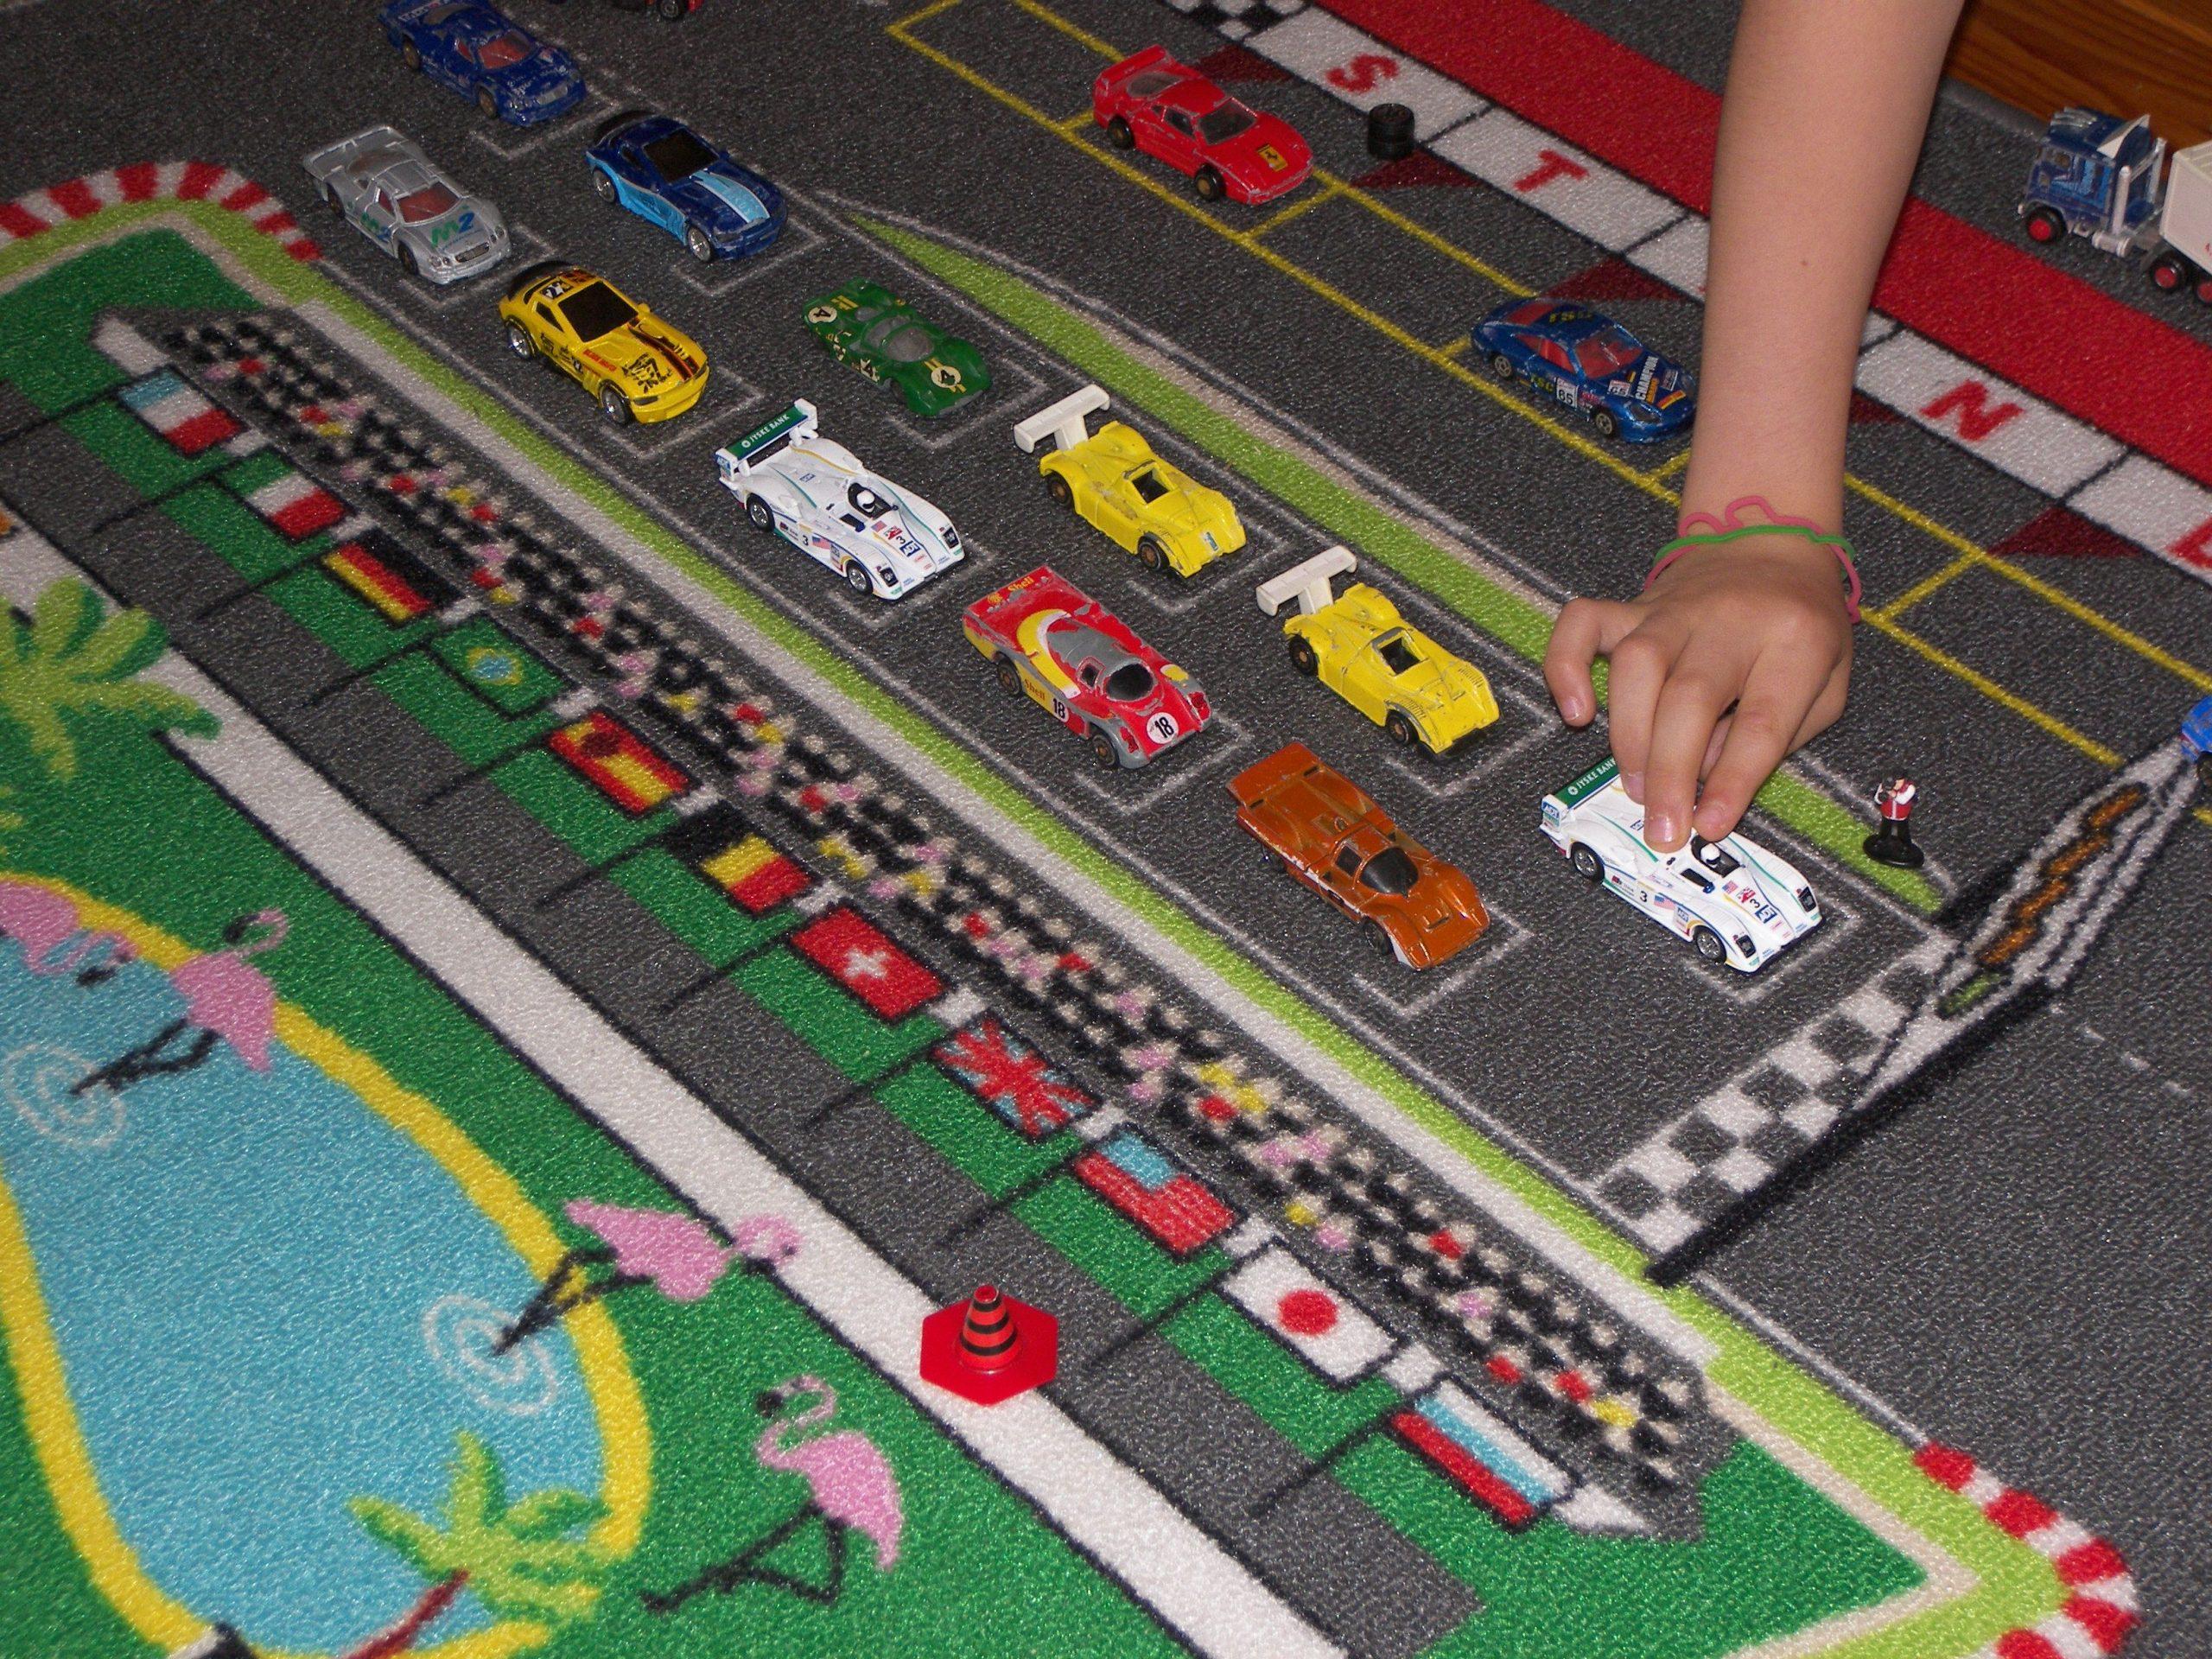 Course De Petite Voiture Sur Un Tapis De Formule 1 pour Jeux De Course De Voiture Pour Enfan